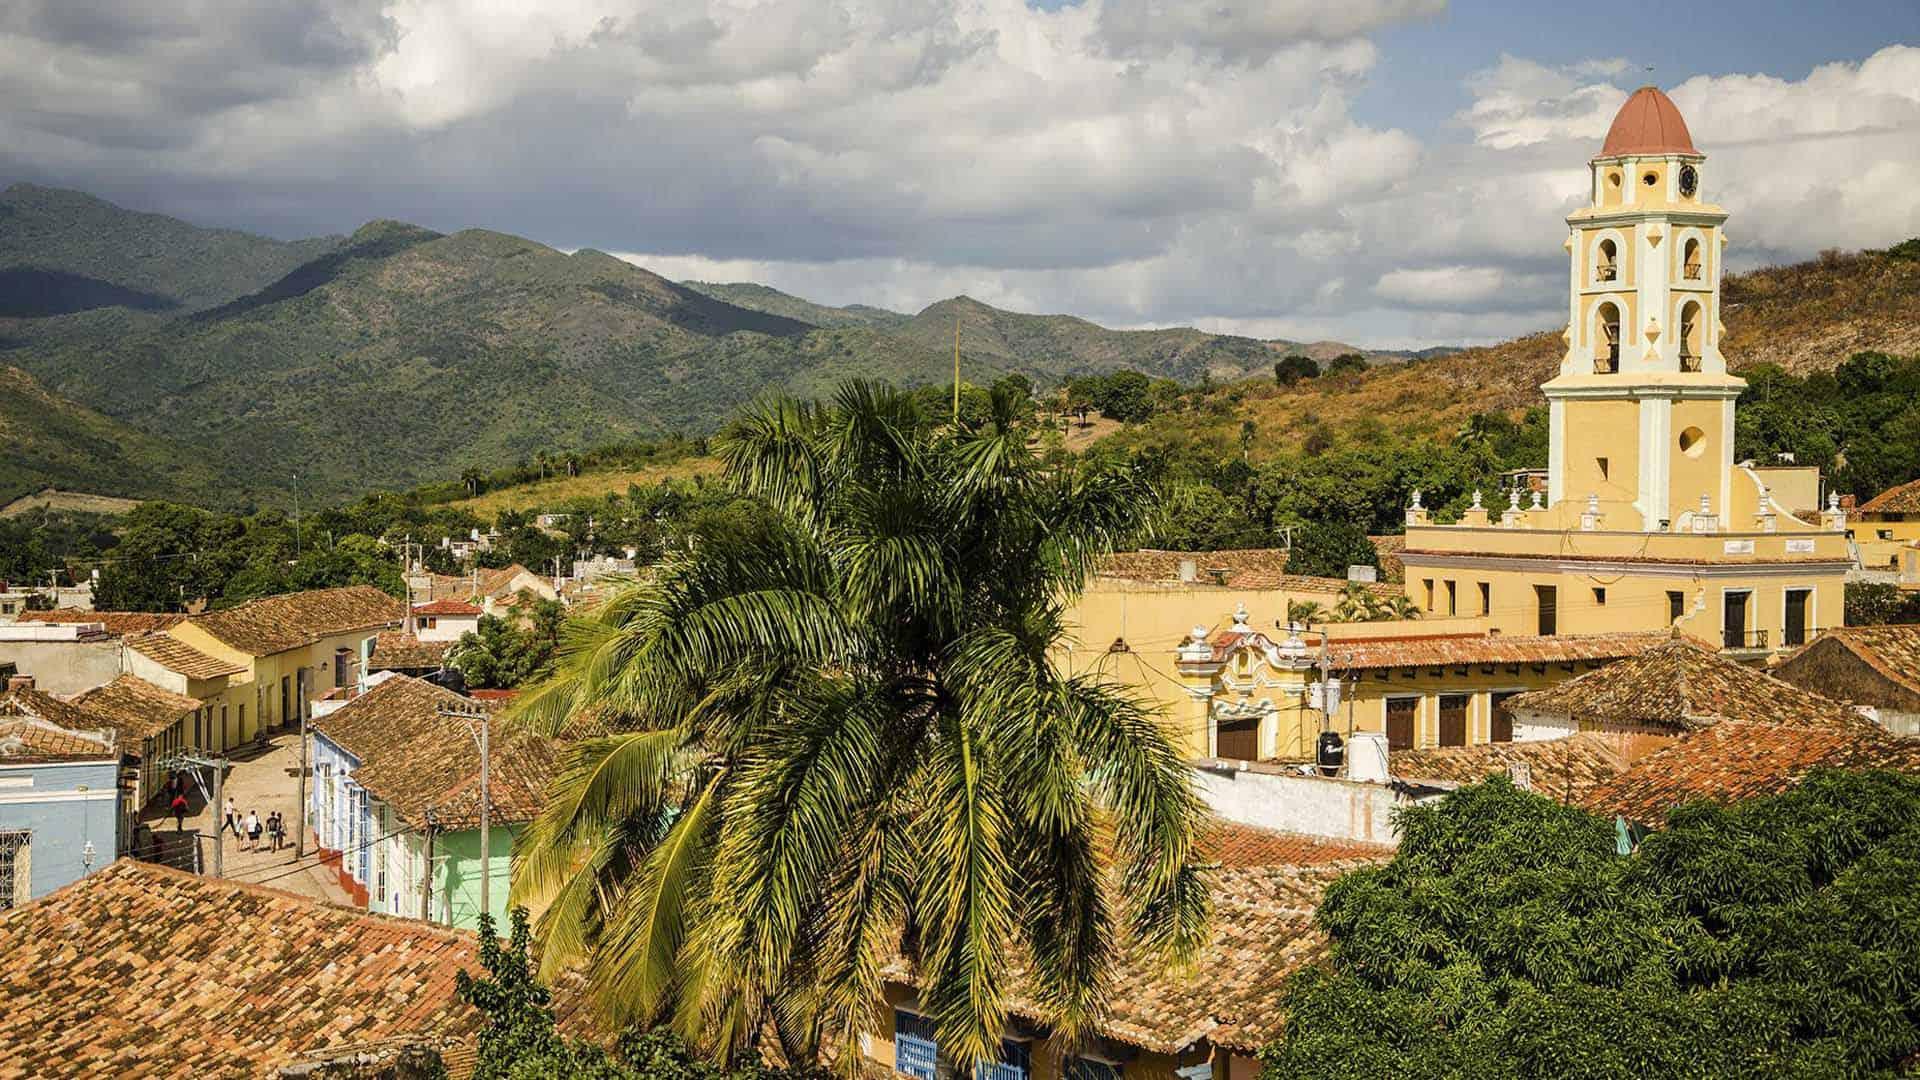 trinidad vue ville montagnes cite coloniale cuba autrement 2